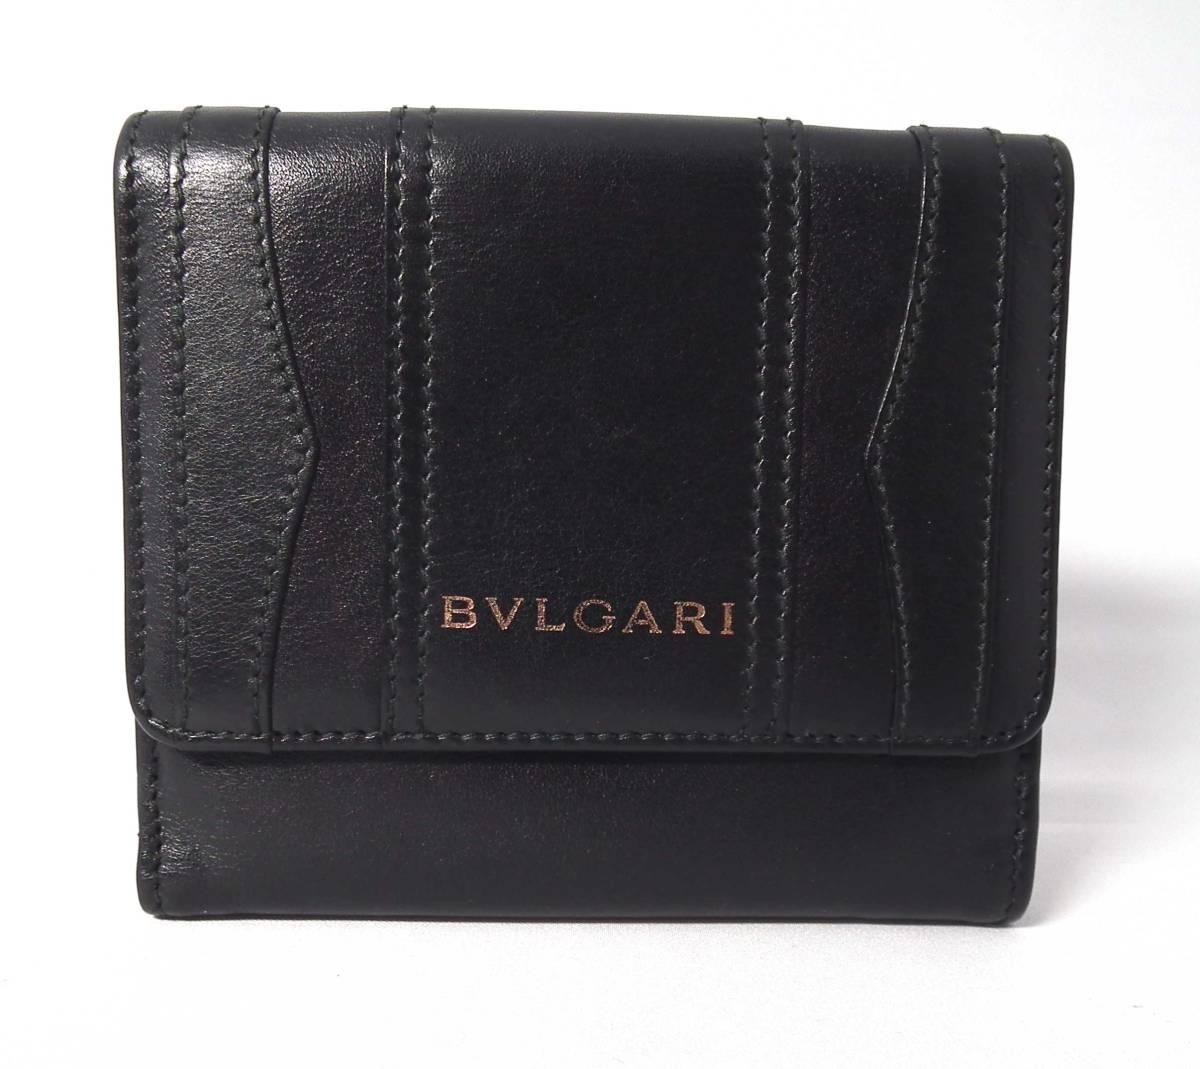 ブルガリ 財布 B.zero1 Wホック レザー ビーゼロワン 二つ折り 両面 サイフ ブラック 黒 BVLGARI メンズ レディース 【中古】